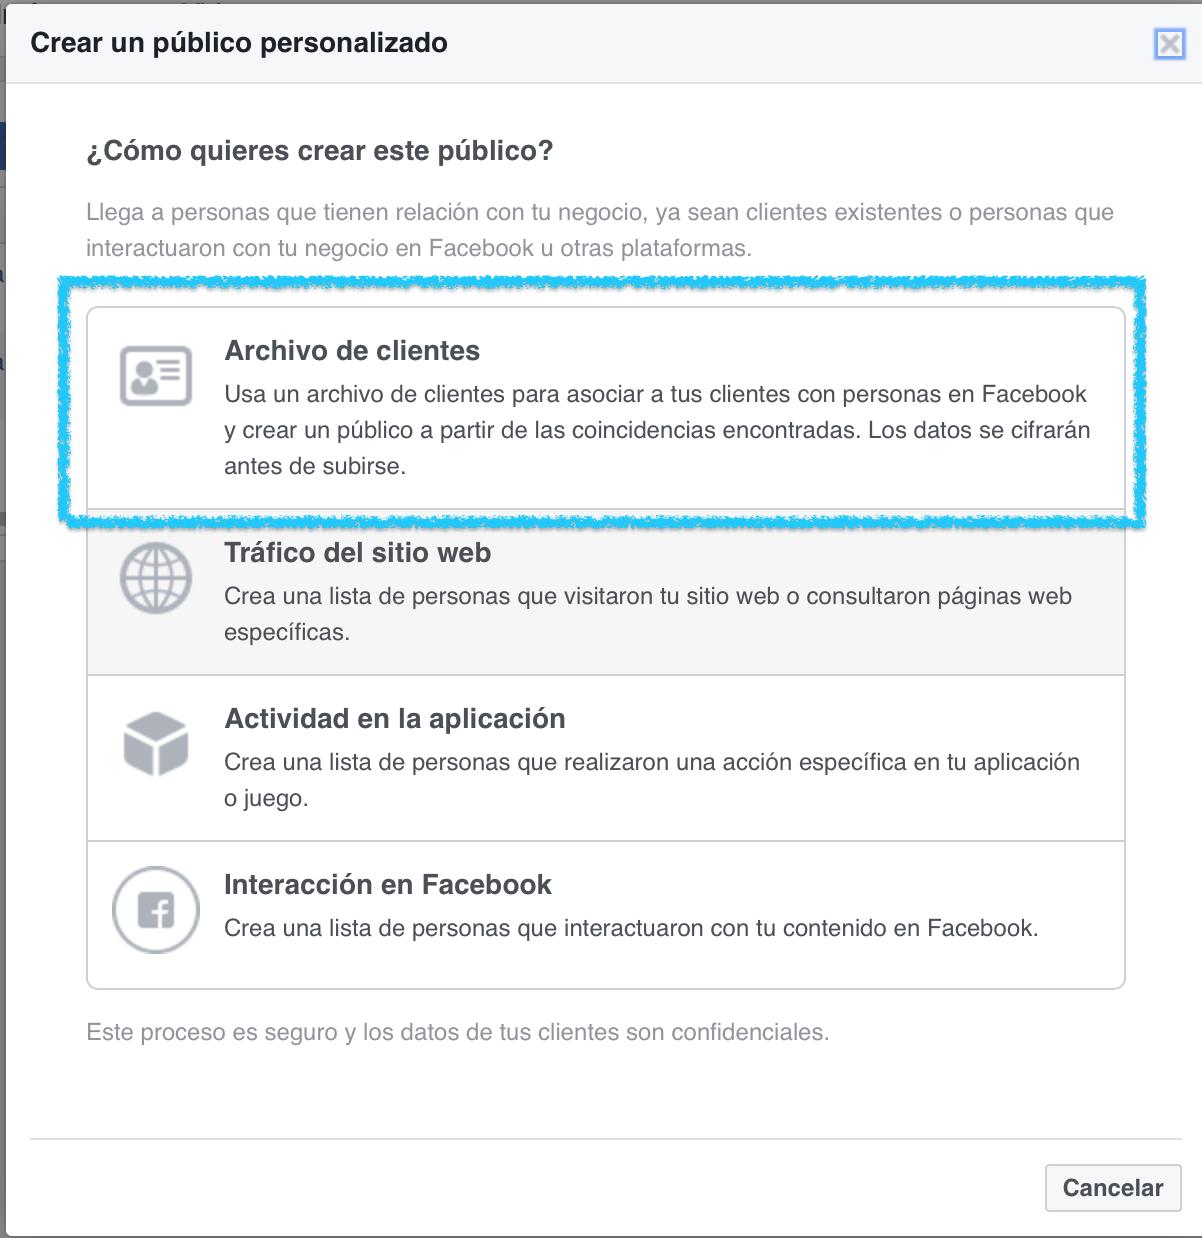 Creando publico personalizado desde tu lista de suscriptores 3 - Trucos para anuncios en Facebook